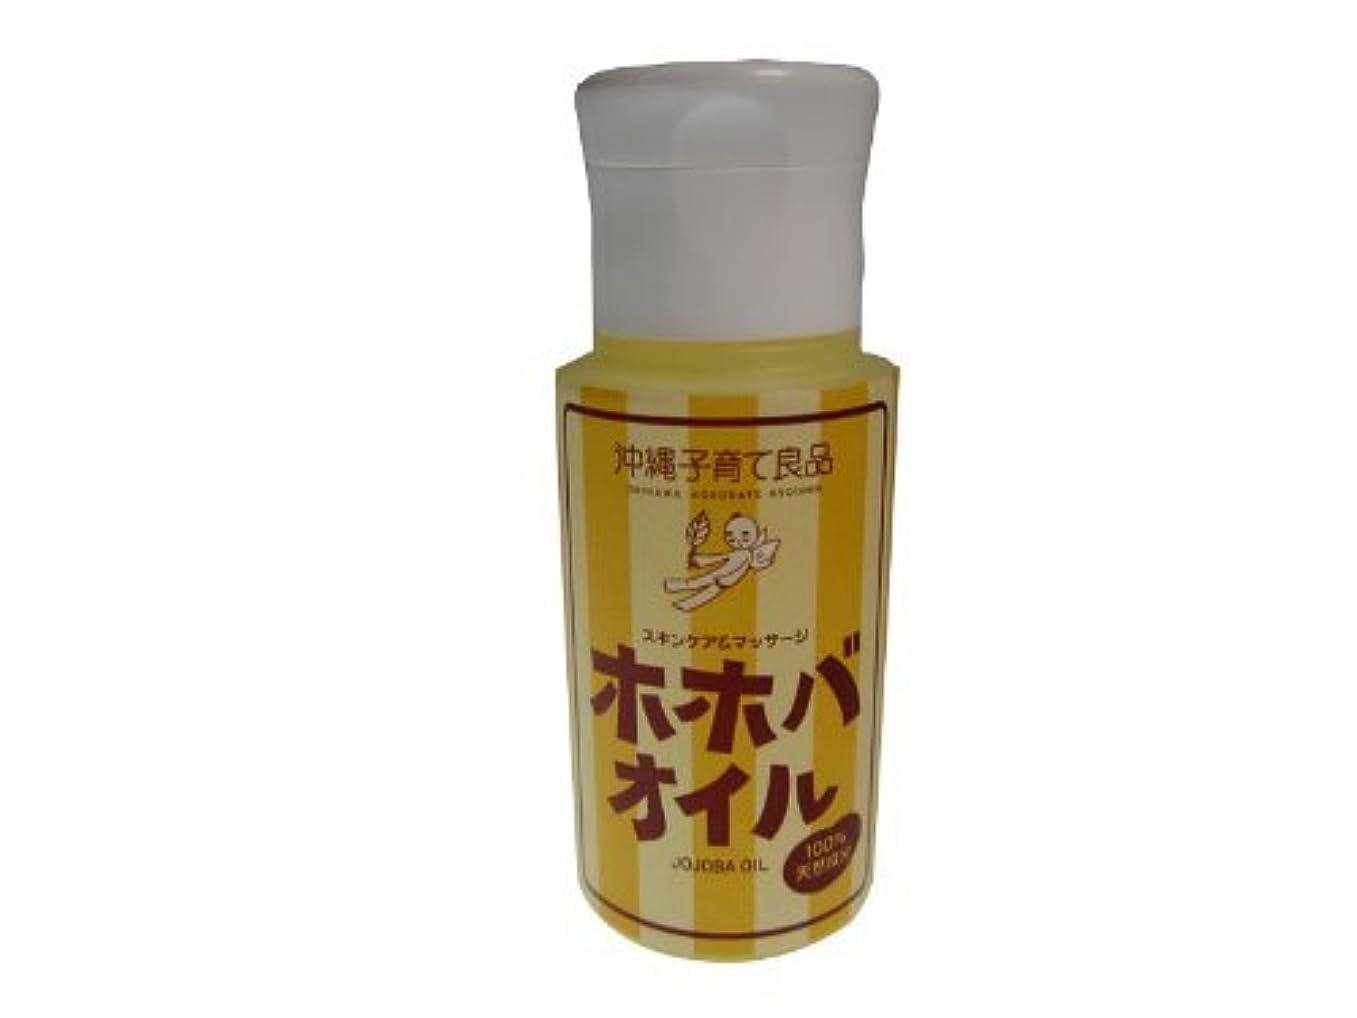 禁止バース順応性未精製 ホホバオイル アメリカ産 50ml